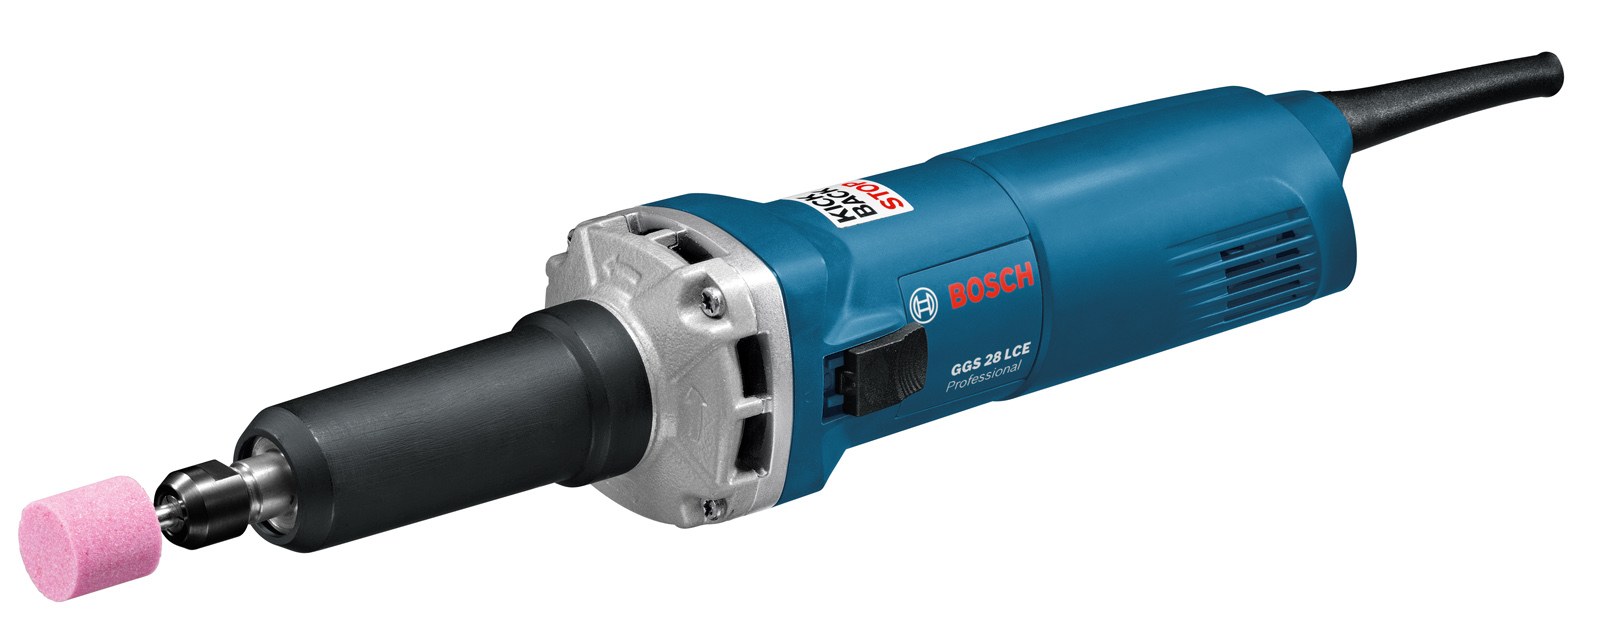 Купить Машинка шлифовальная прямая Bosch Ggs 28 lce (0.601.221.100)